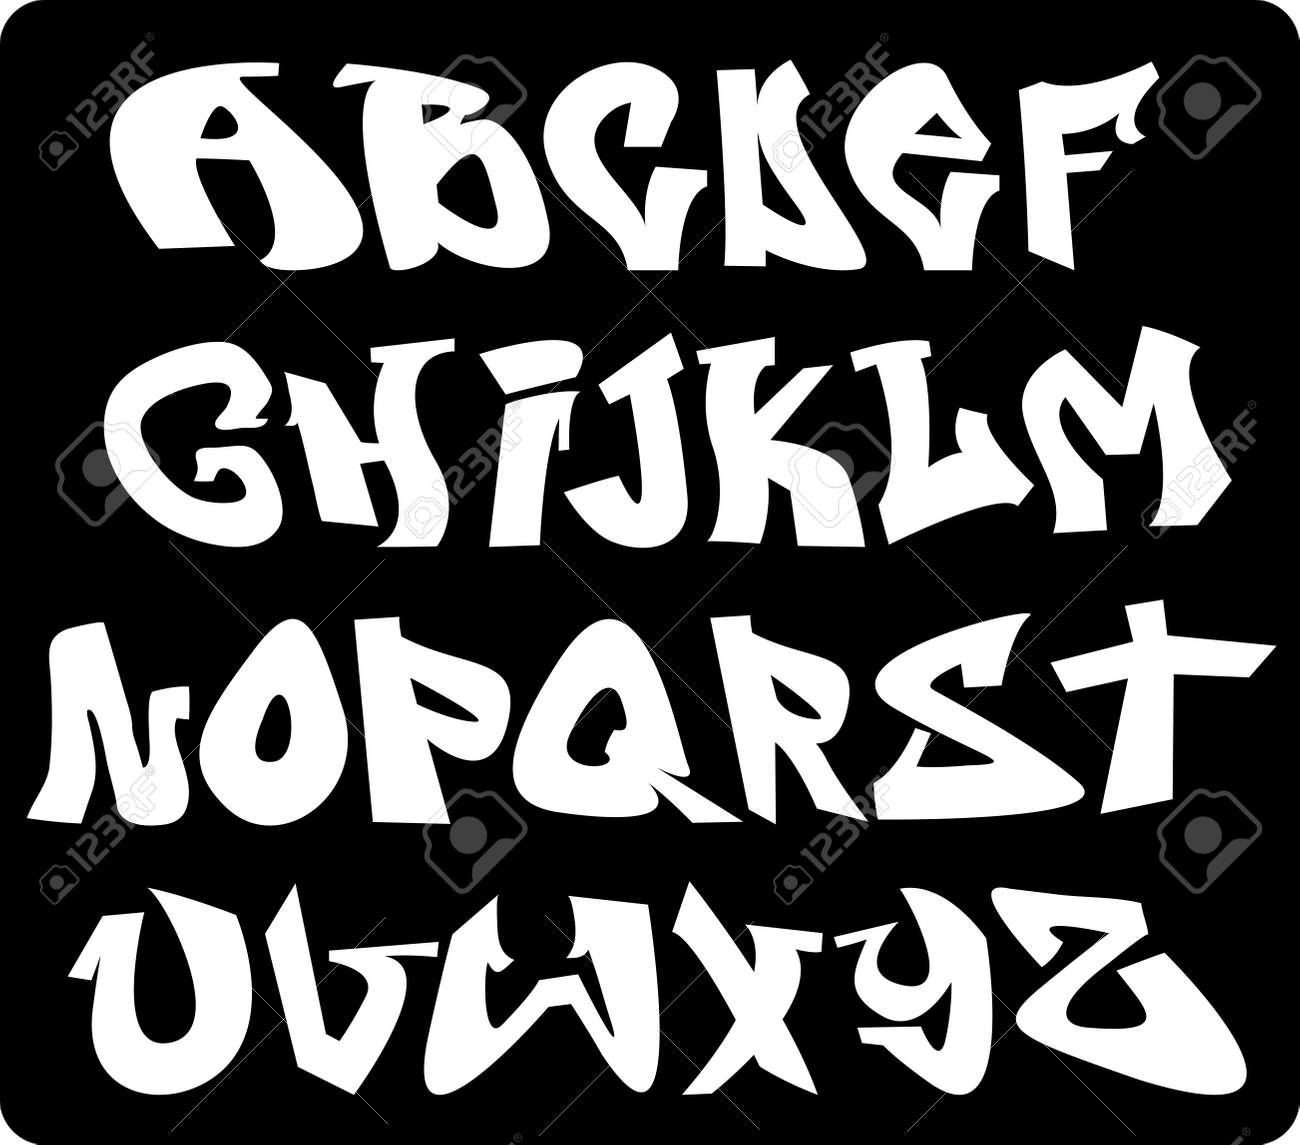 Foto de archivo , Graffiti alfabeto fuente, las letras abc